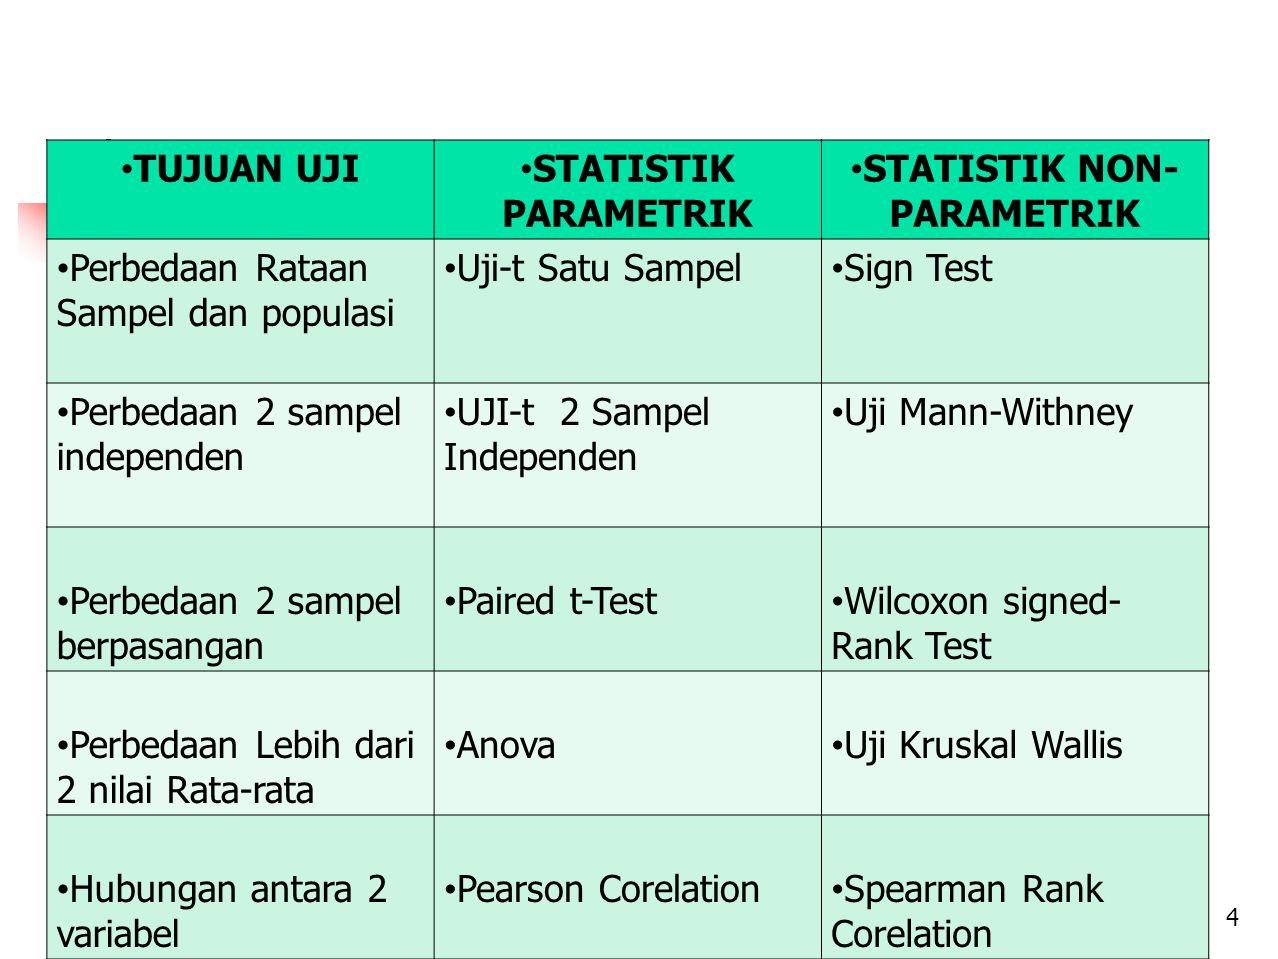 TUJUAN UJI STATISTIK PARAMETRIK STATISTIK NON- PARAMETRIK Perbedaan Rataan Sampel dan populasi Uji-t Satu Sampel Sign Test Perbedaan 2 sampel independen UJI-t 2 Sampel Independen Uji Mann-Withney Perbedaan 2 sampel berpasangan Paired t-Test Wilcoxon signed- Rank Test Perbedaan Lebih dari 2 nilai Rata-rata Anova Uji Kruskal Wallis Hubungan antara 2 variabel Pearson Corelation Spearman Rank Corelation 4